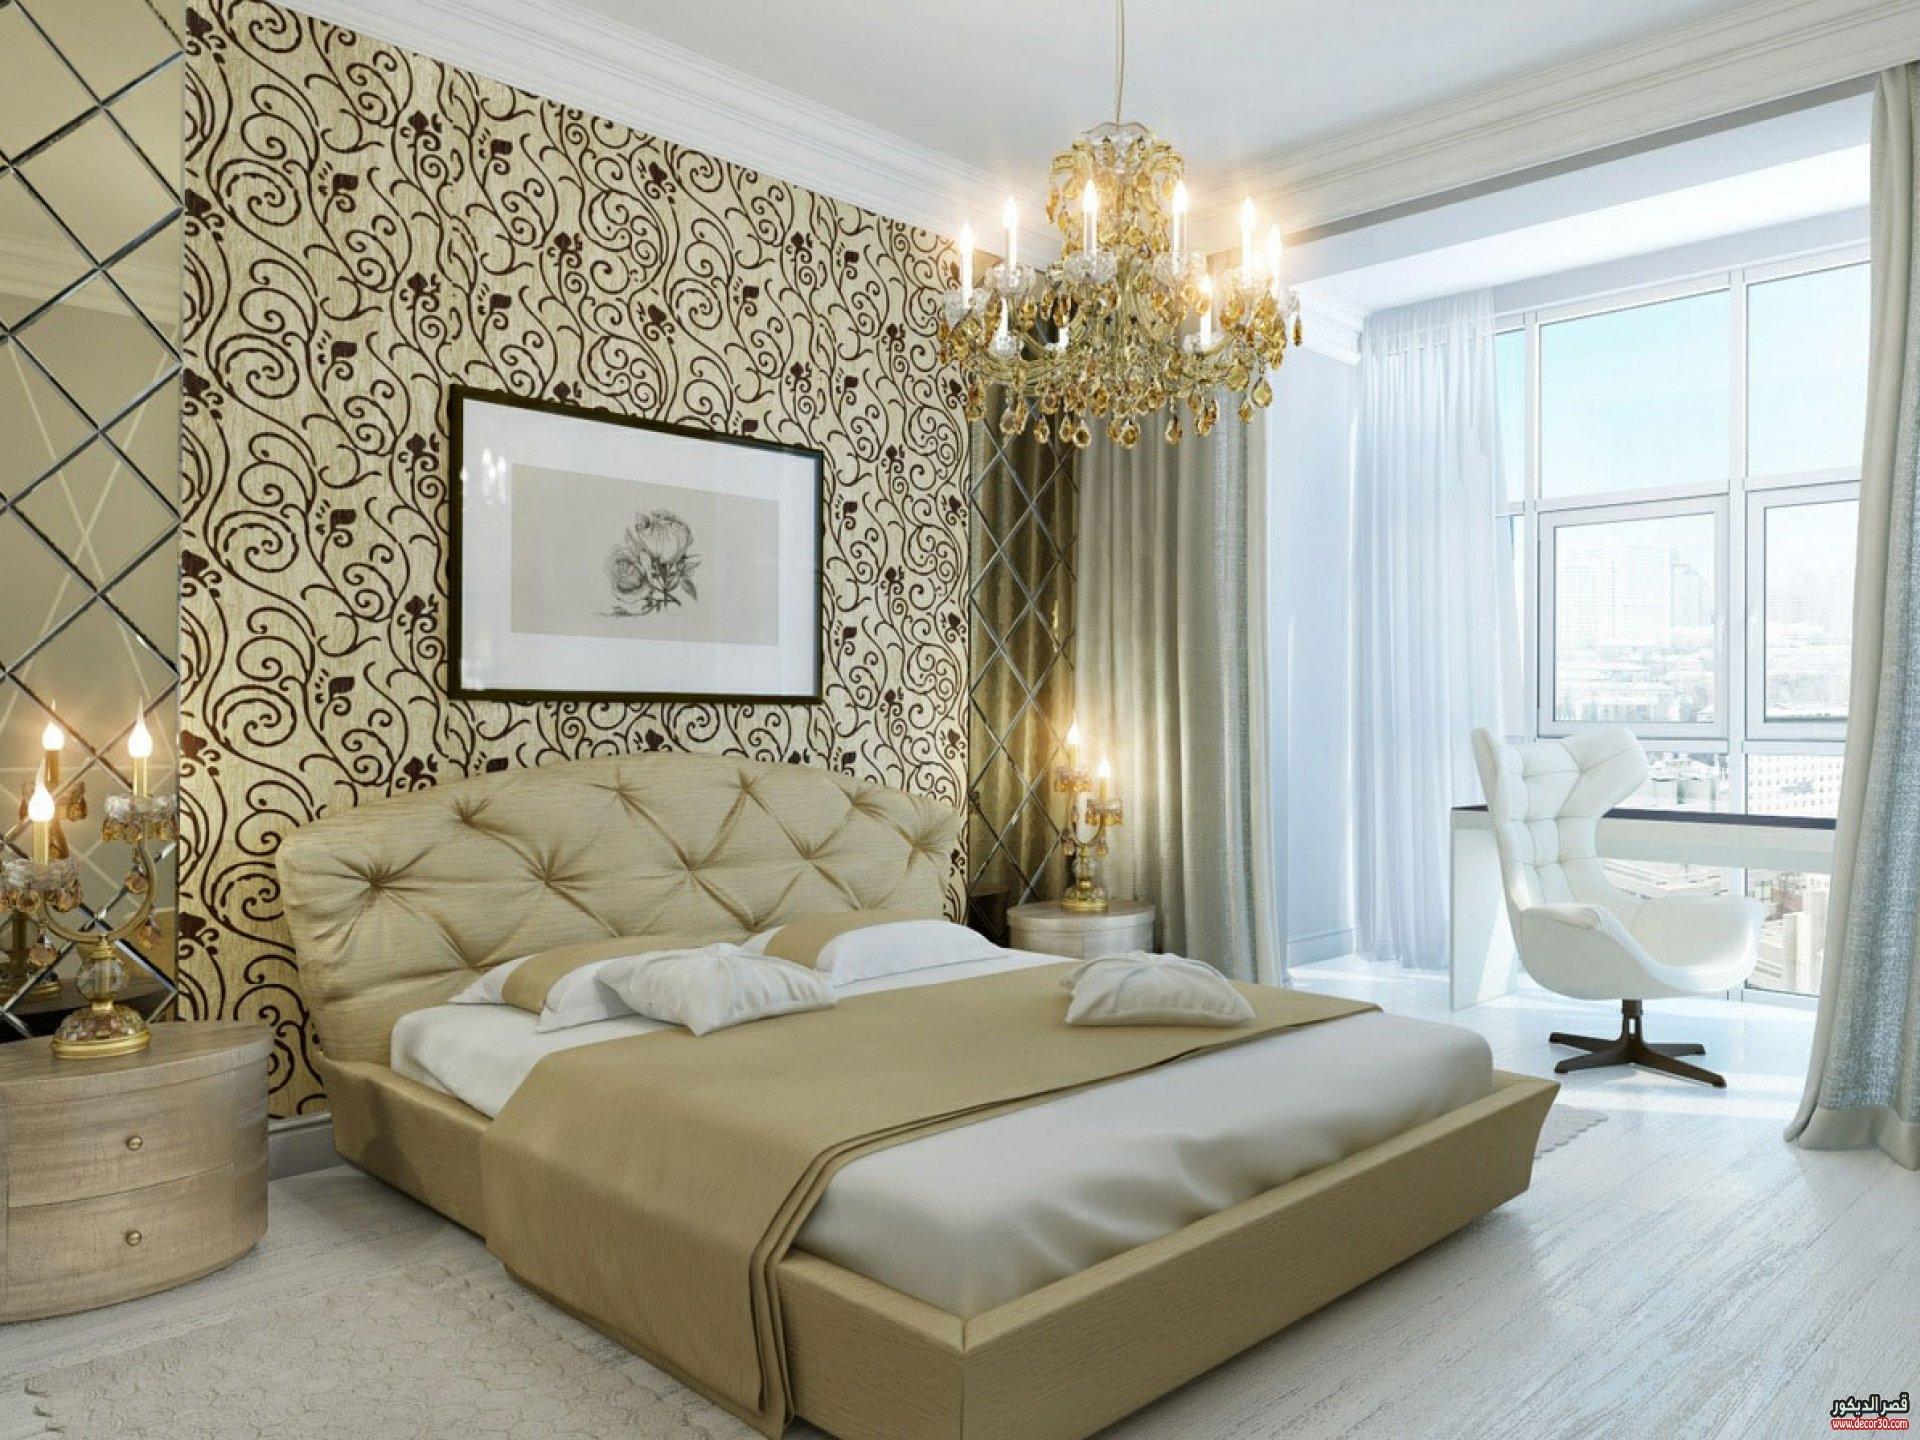 بالصور ورق جدران لغرف النوم , اشكال ورق خائط لغرف النوم 1776 9